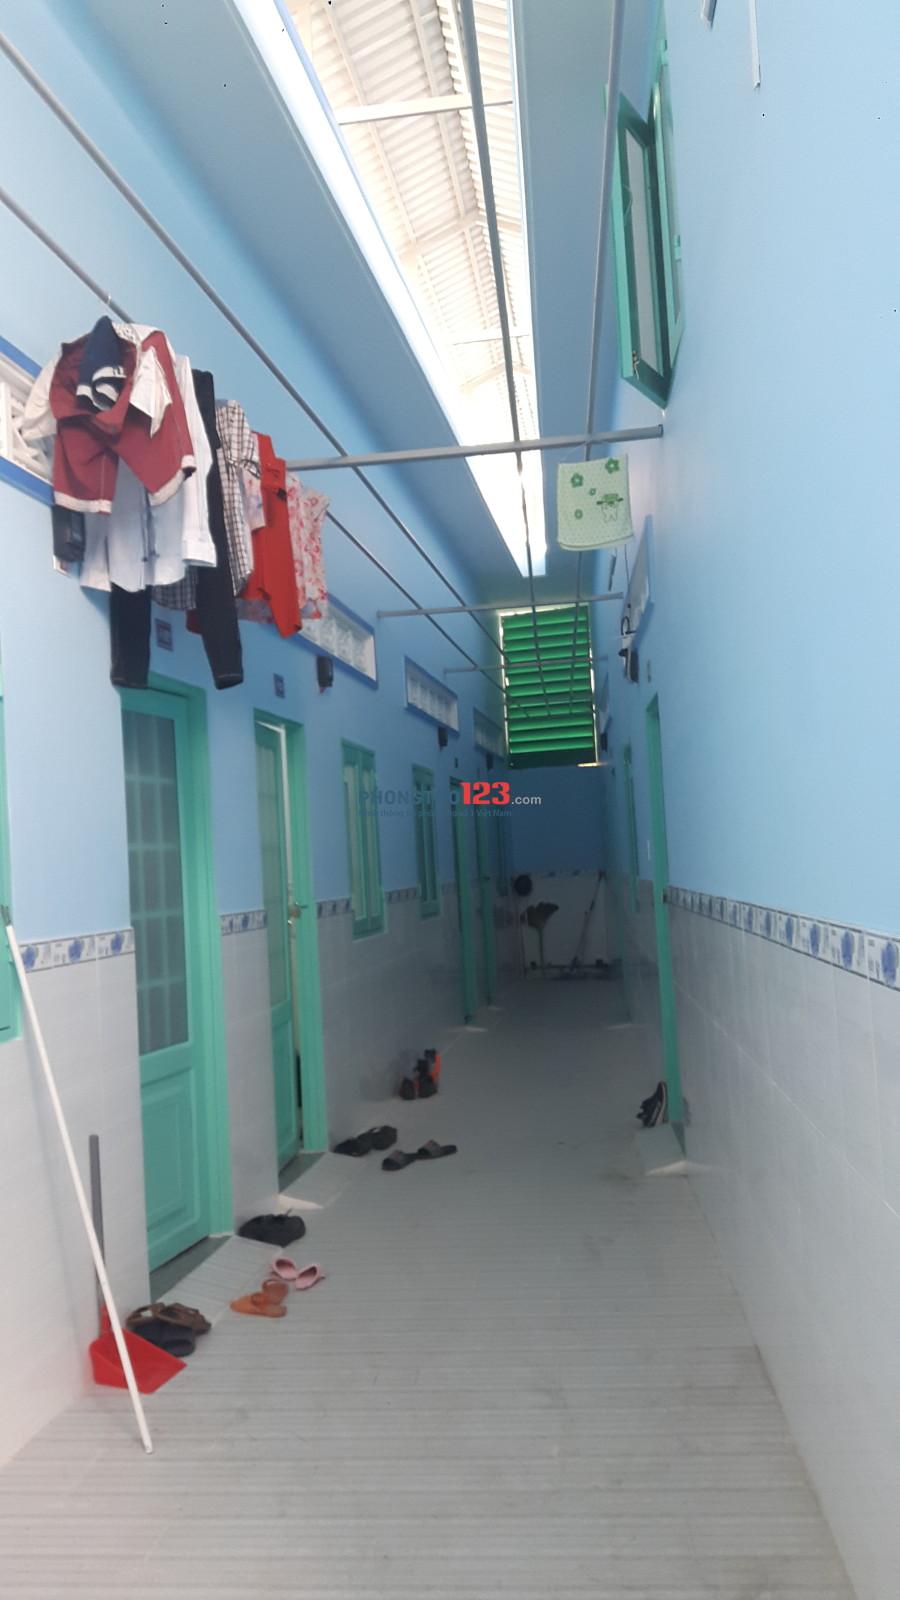 Cho thuê nhà trọ mới xây gần KCN Hiệp Phước - Long Hậu